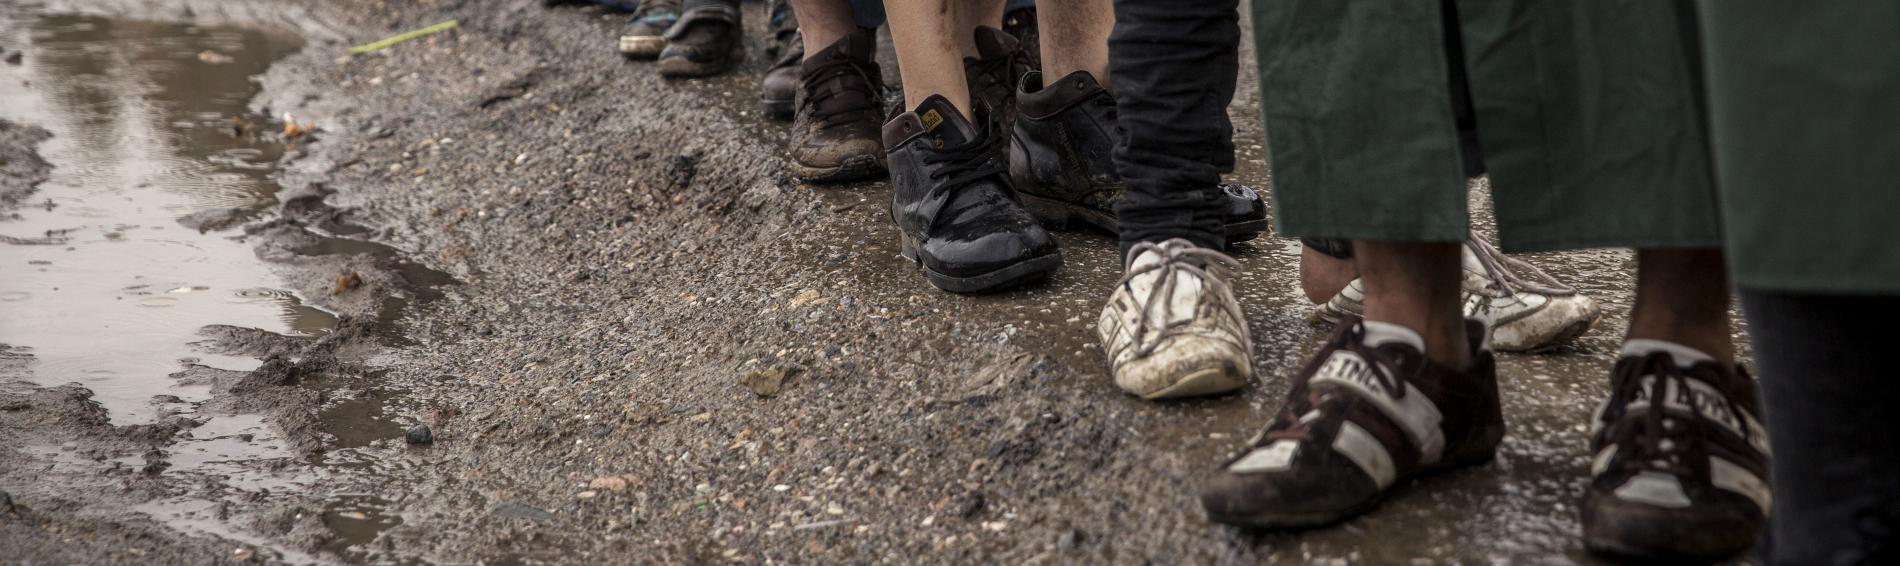 Flüchtlinge müssen in den Camps unter unzureichenden Bedingungen zurecht kommen. Foto: Olmo Calvo